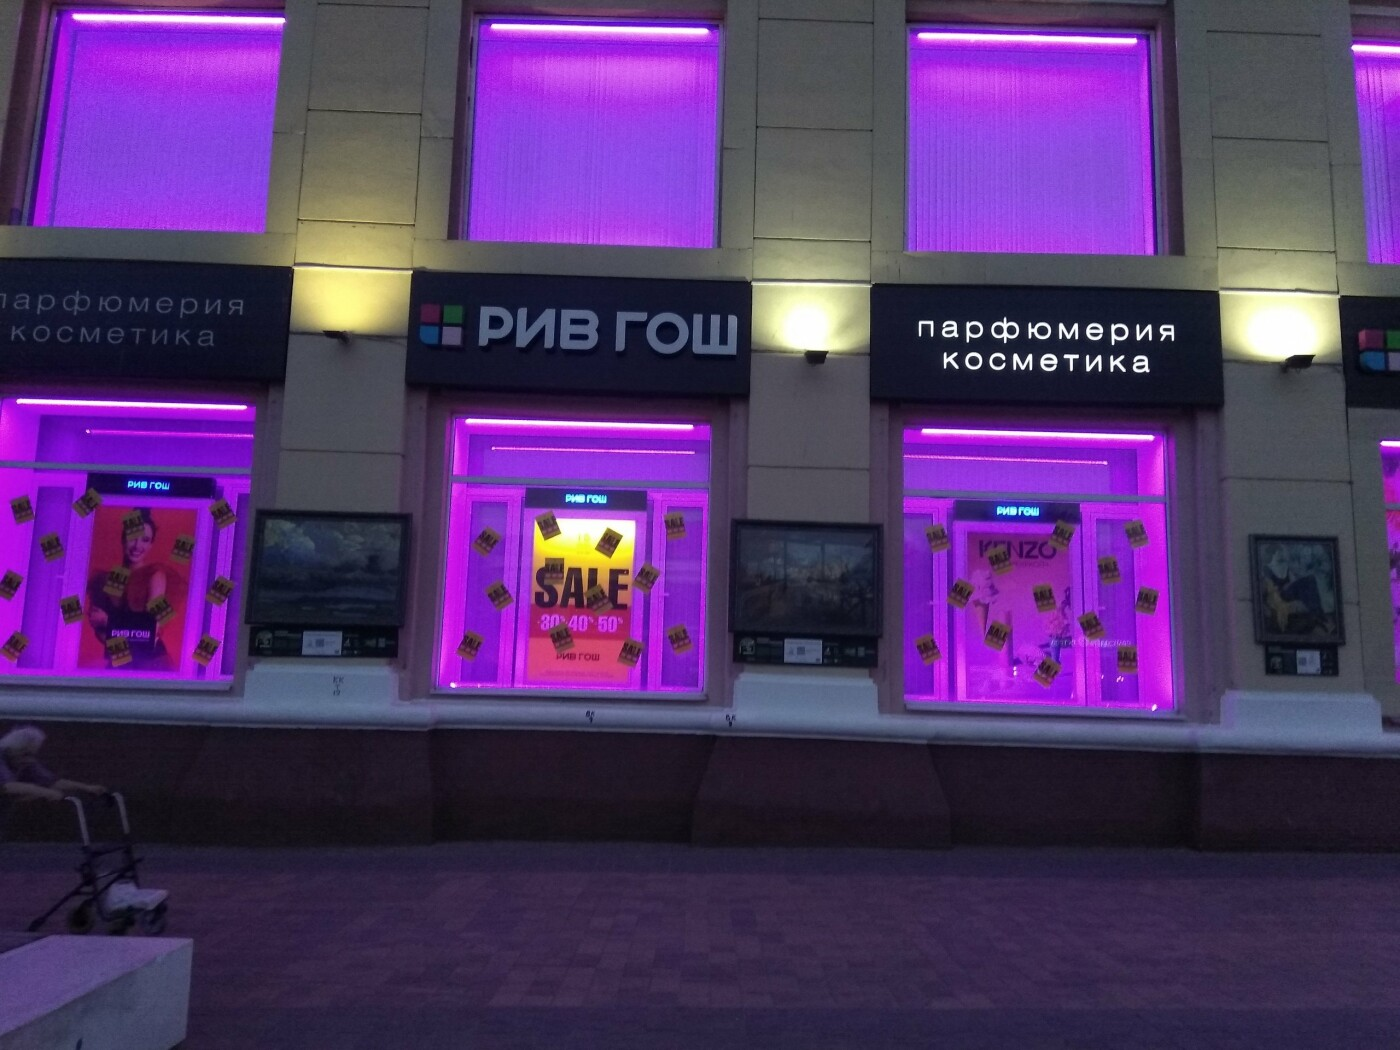 В Белгороде уличная экспозиция картин слилась с рекламой, фото-3